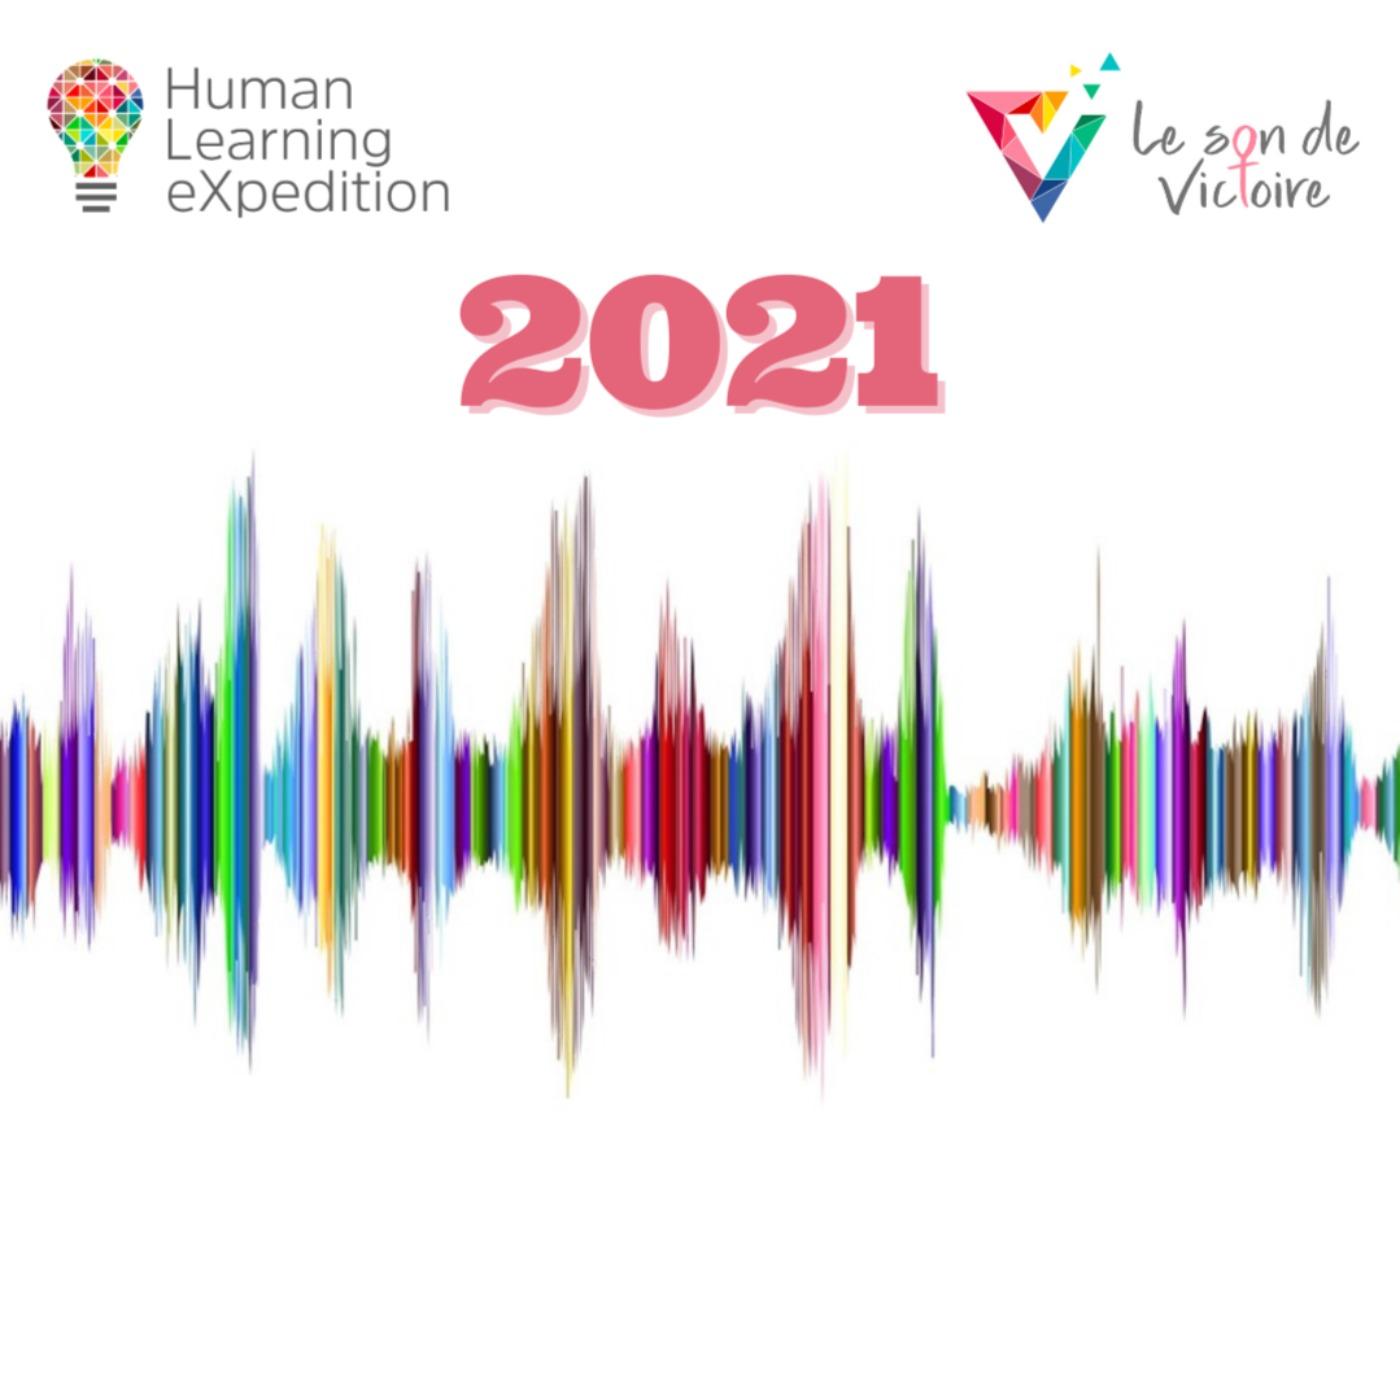 #98 - Nos voeux pour 2021